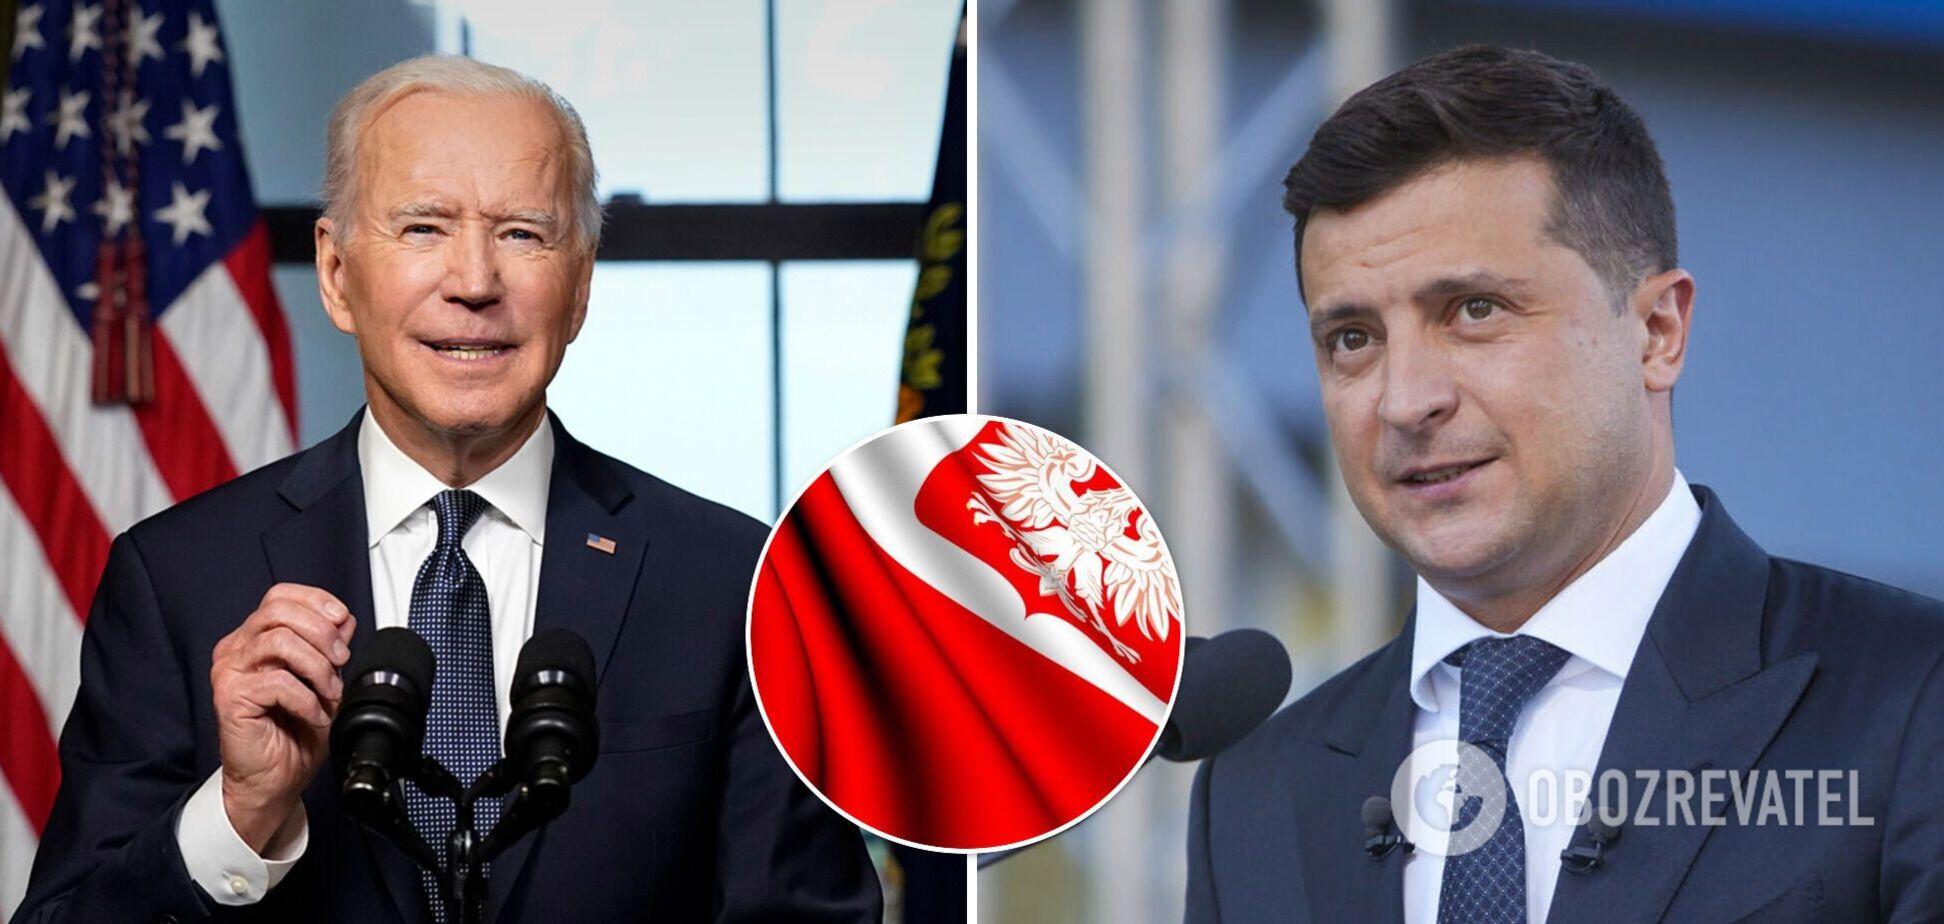 В Польше назвали ошибкой Байдена саммит с Путиным до встречи с Зеленским